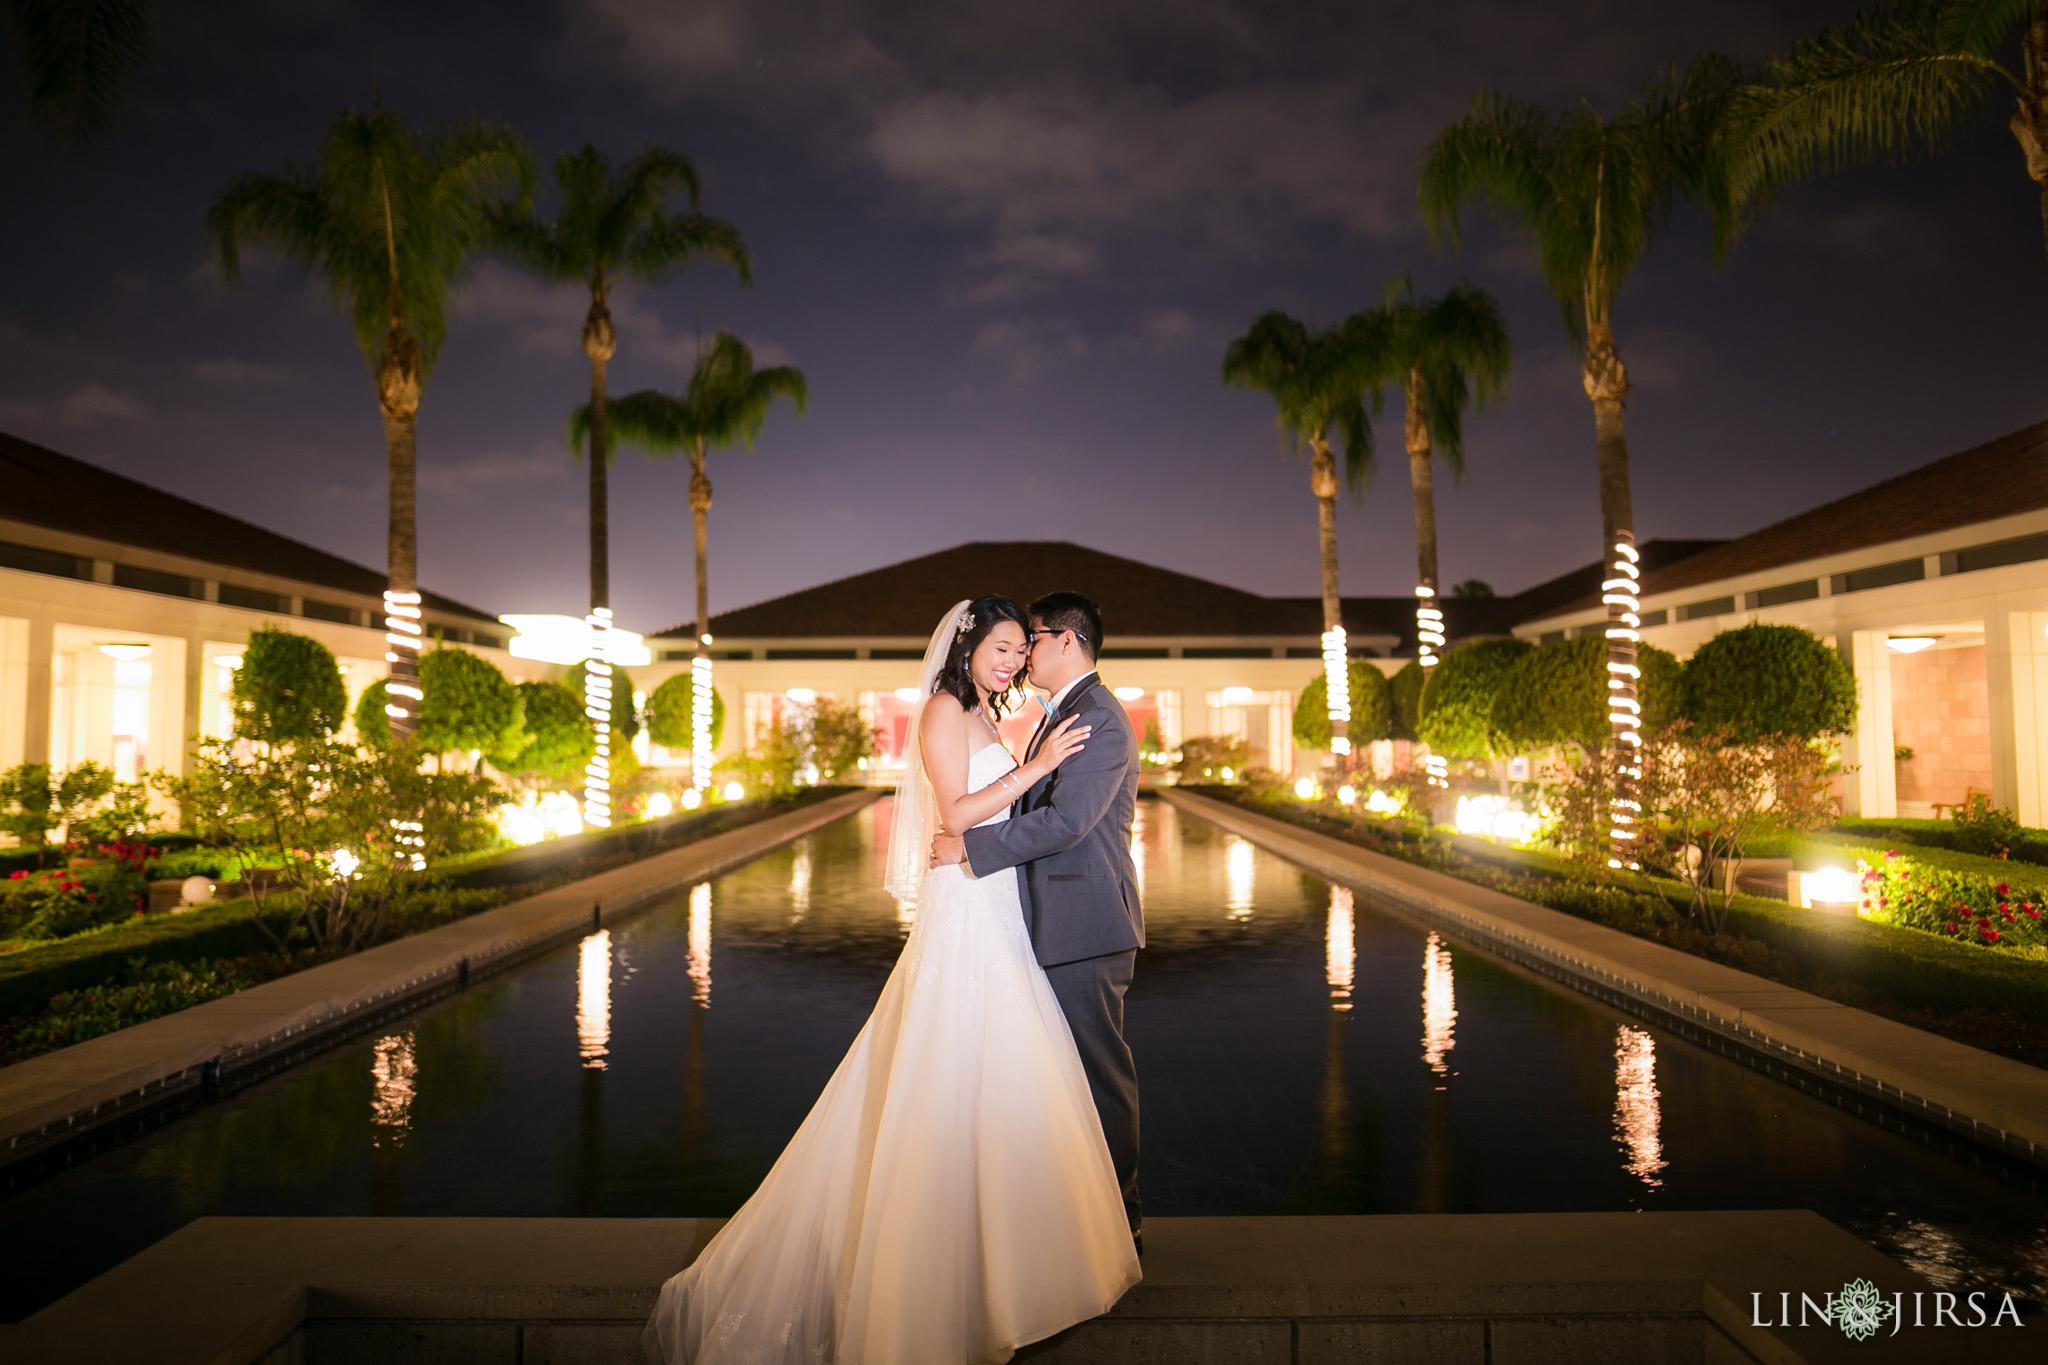 42-richard-nixon-libary-wedding-photography